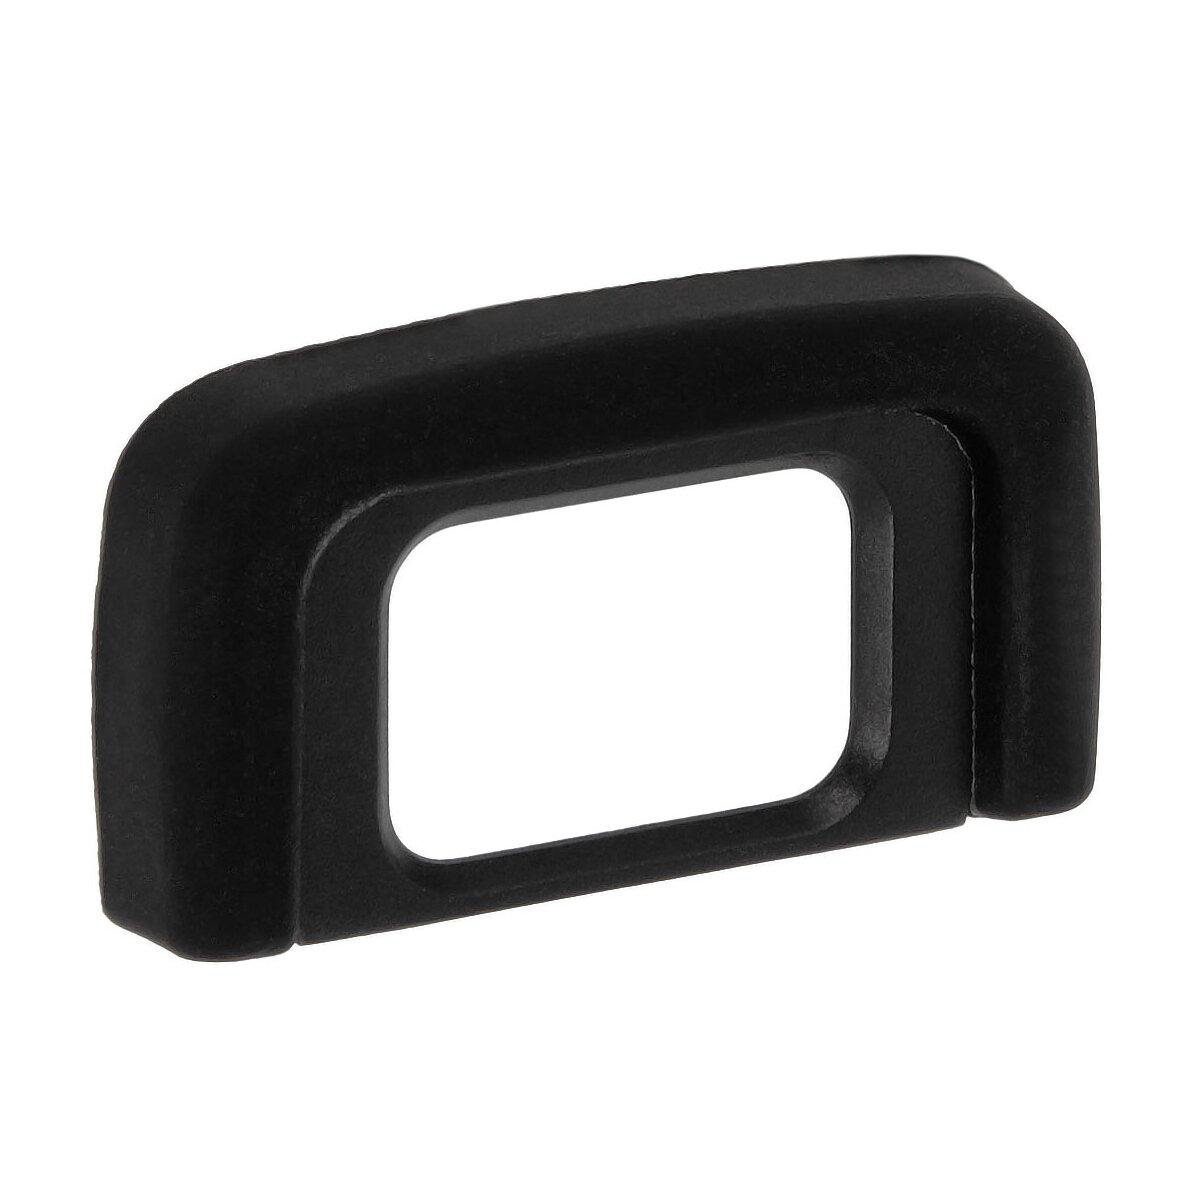 Augenmuschel für Nikon DSLR Kameras ersetzt den Nikon DK-25 geeignet für Brillenträger und gegen Streulicht bei augengesteuerter Scharfeinstellung von JJC